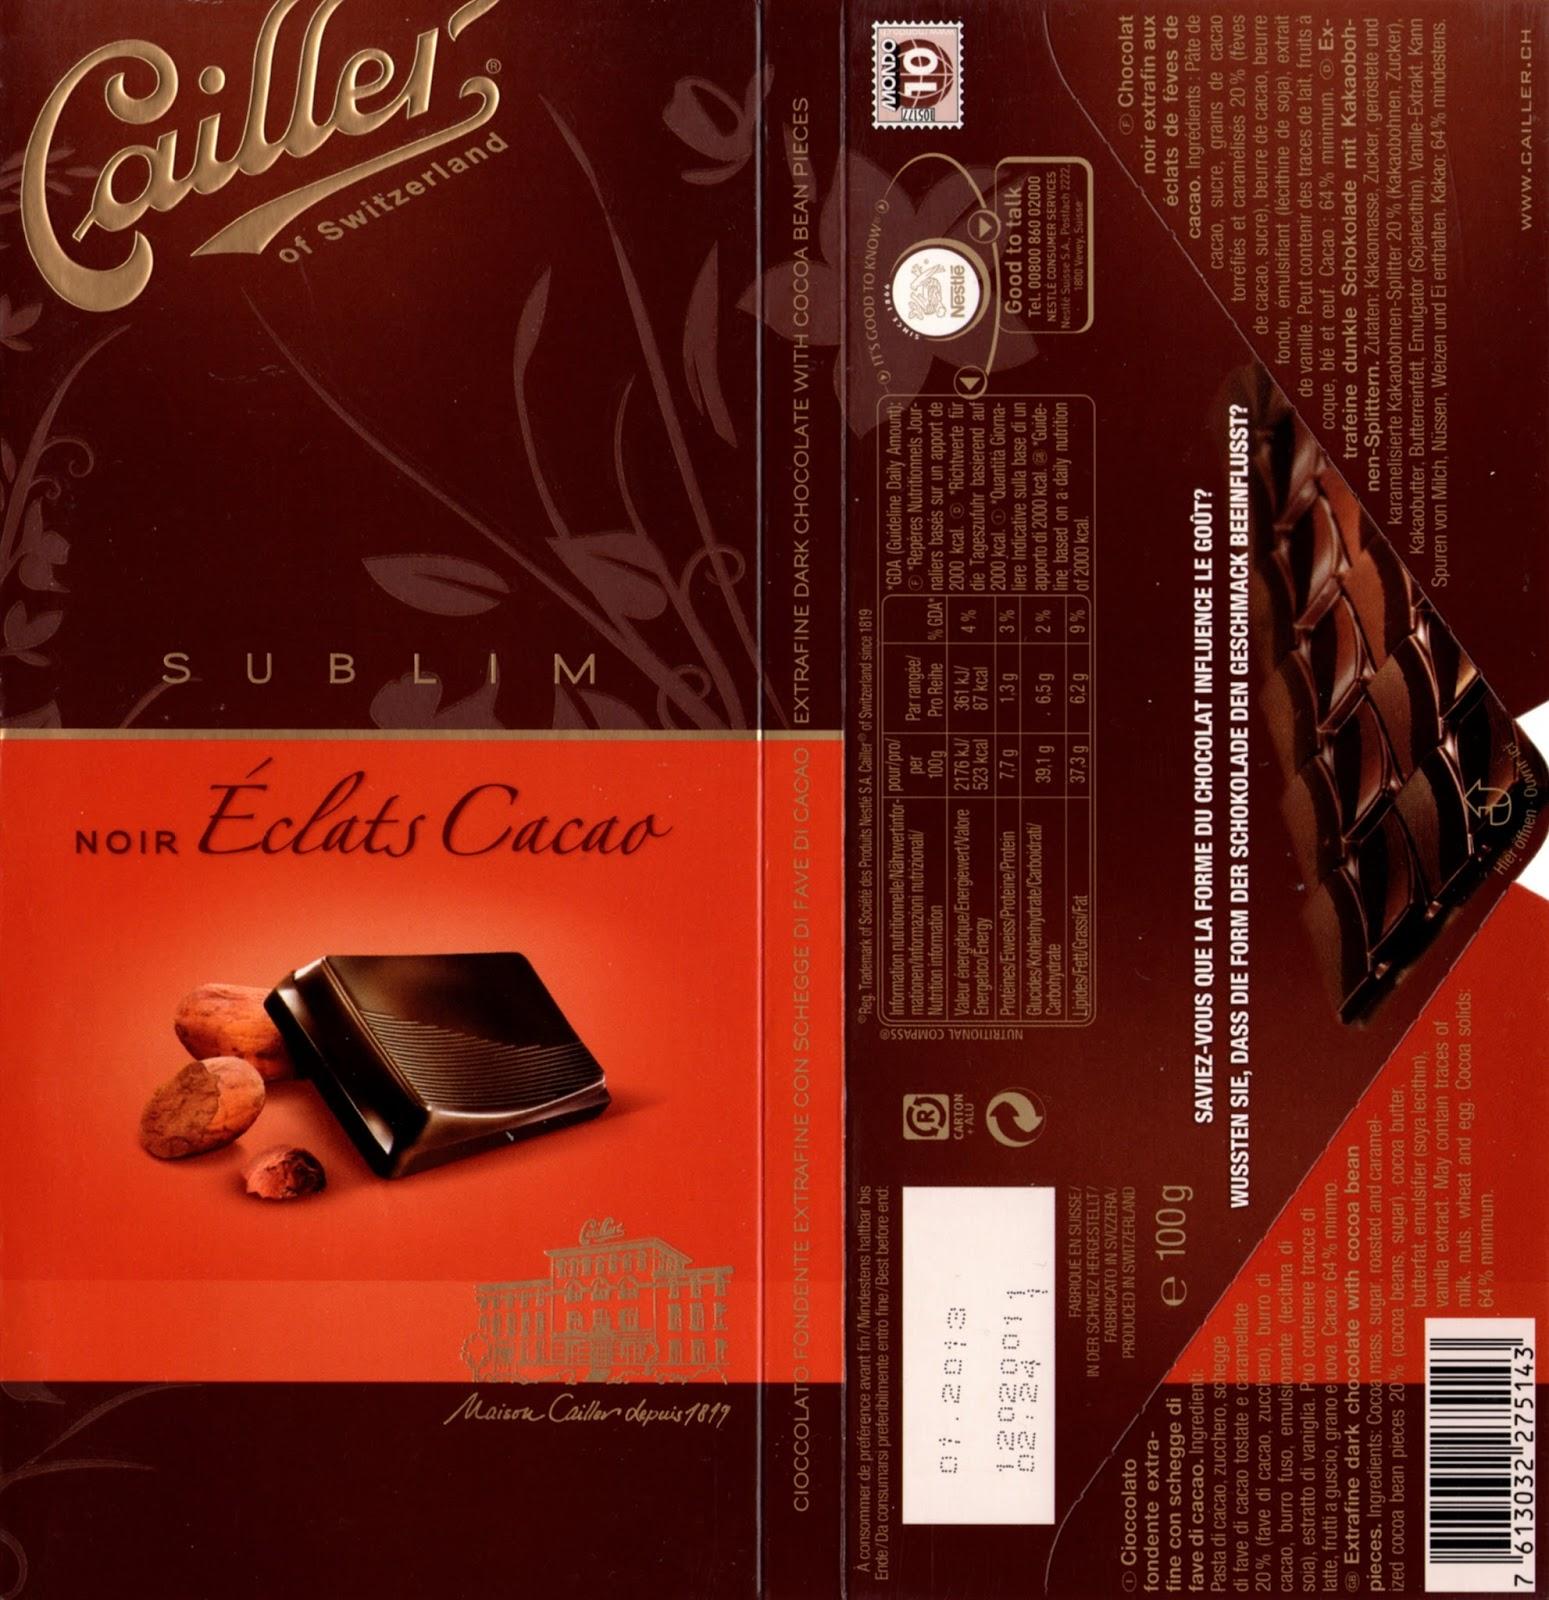 tablette de chocolat noir gourmand cailler sublim noir eclats cacao